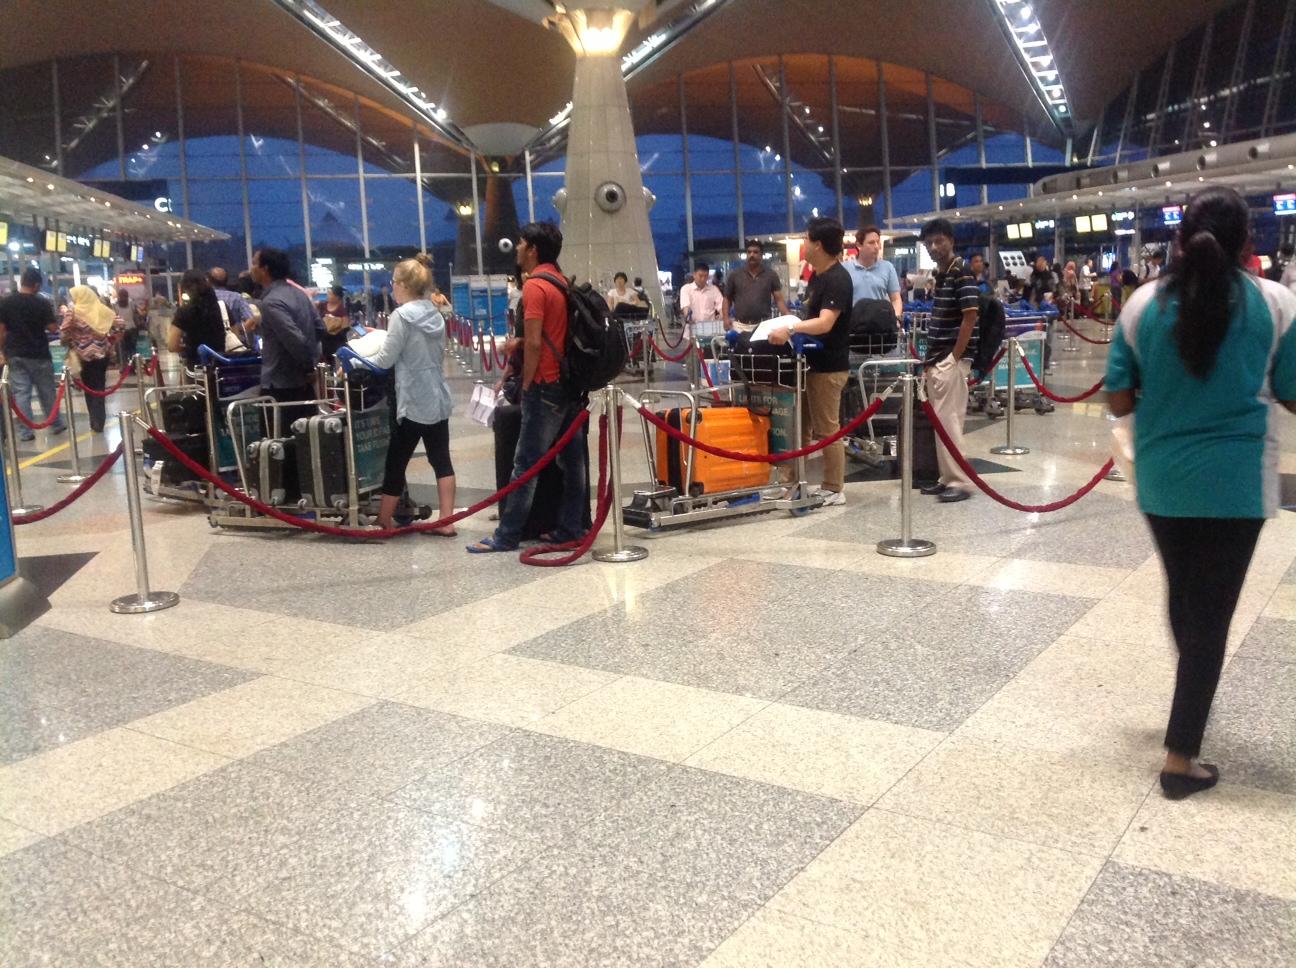 Passengers waiting to check-in at an MAS counter at KLIA. Credit: My Savvy Traveller Digital Image Base